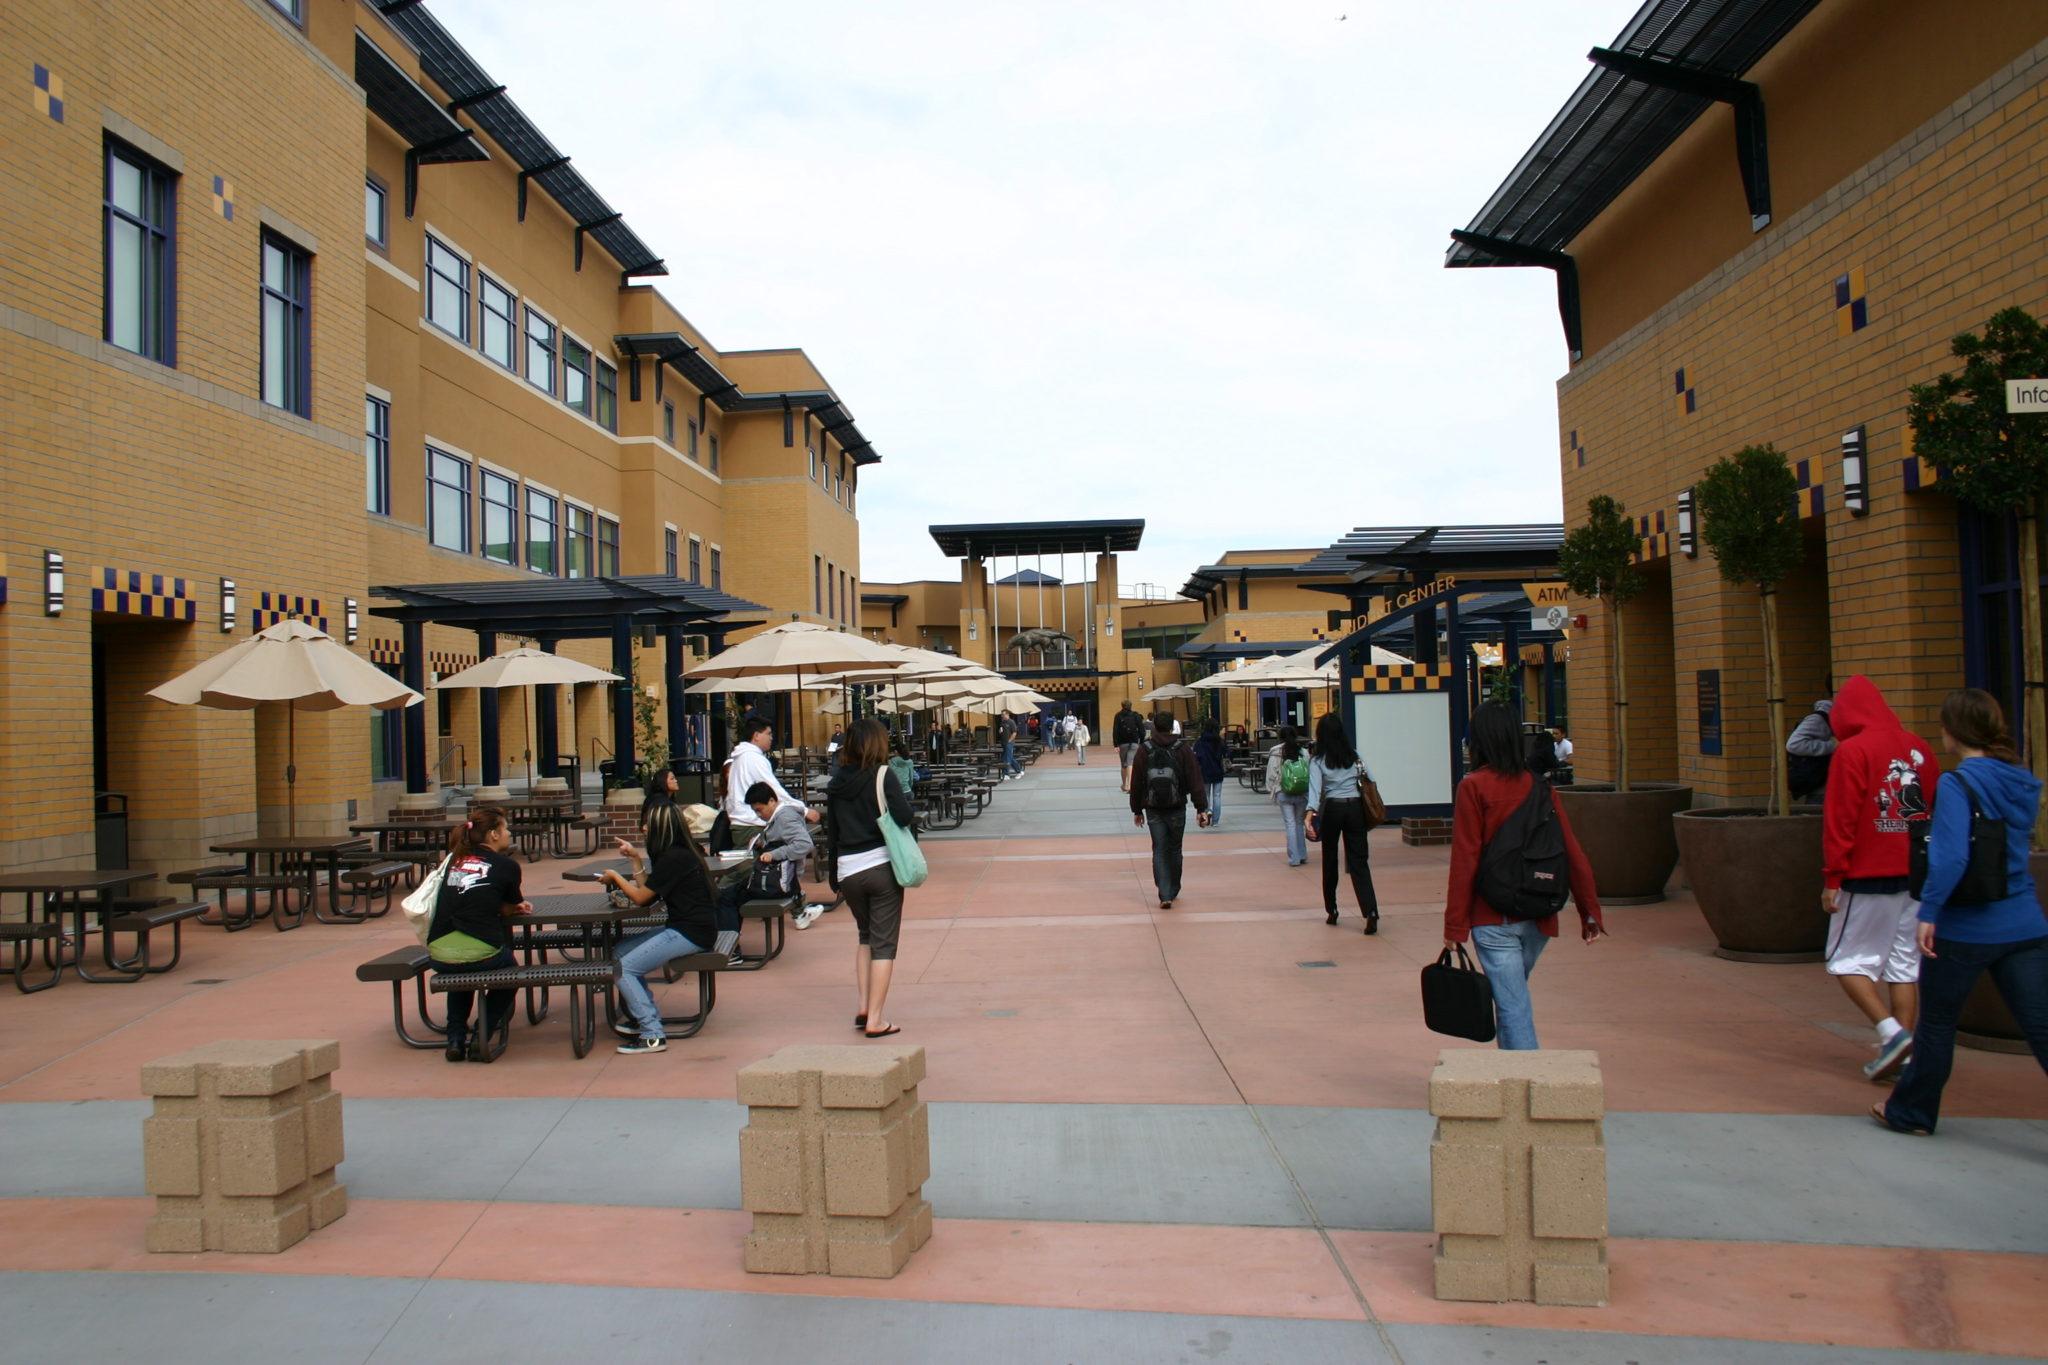 【大学附属】カリフォルニア大学 アーバイン校:イメージ